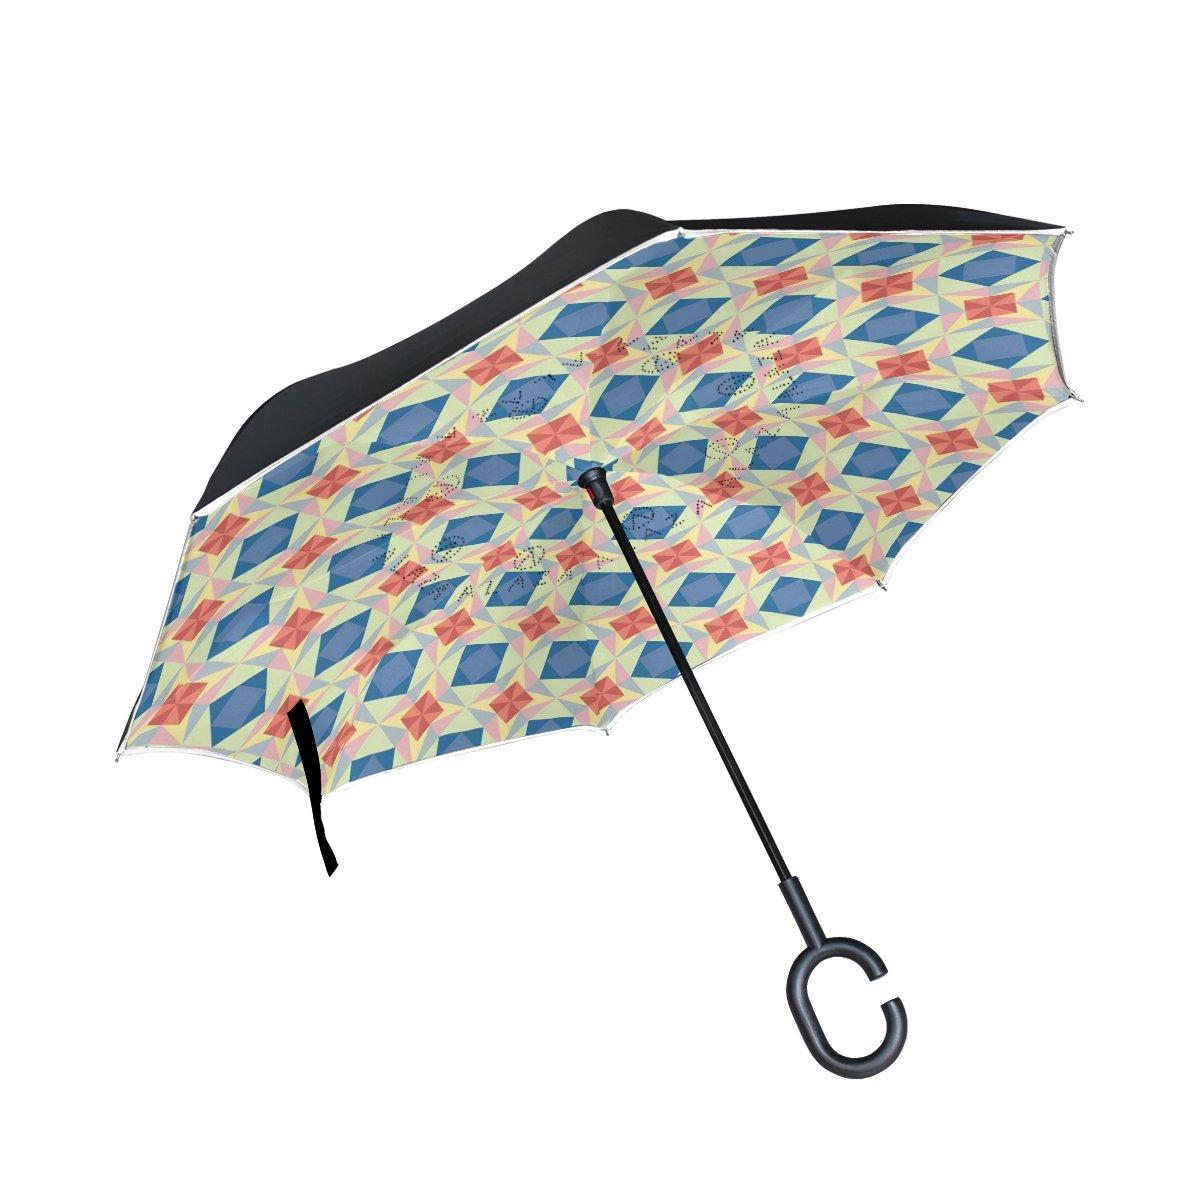 COOSUN Sin fisuras vector de la estrella del patrón de la capa doble del paraguas invertido inversa para el coche y el uso al aire libre a prueba de viento ...